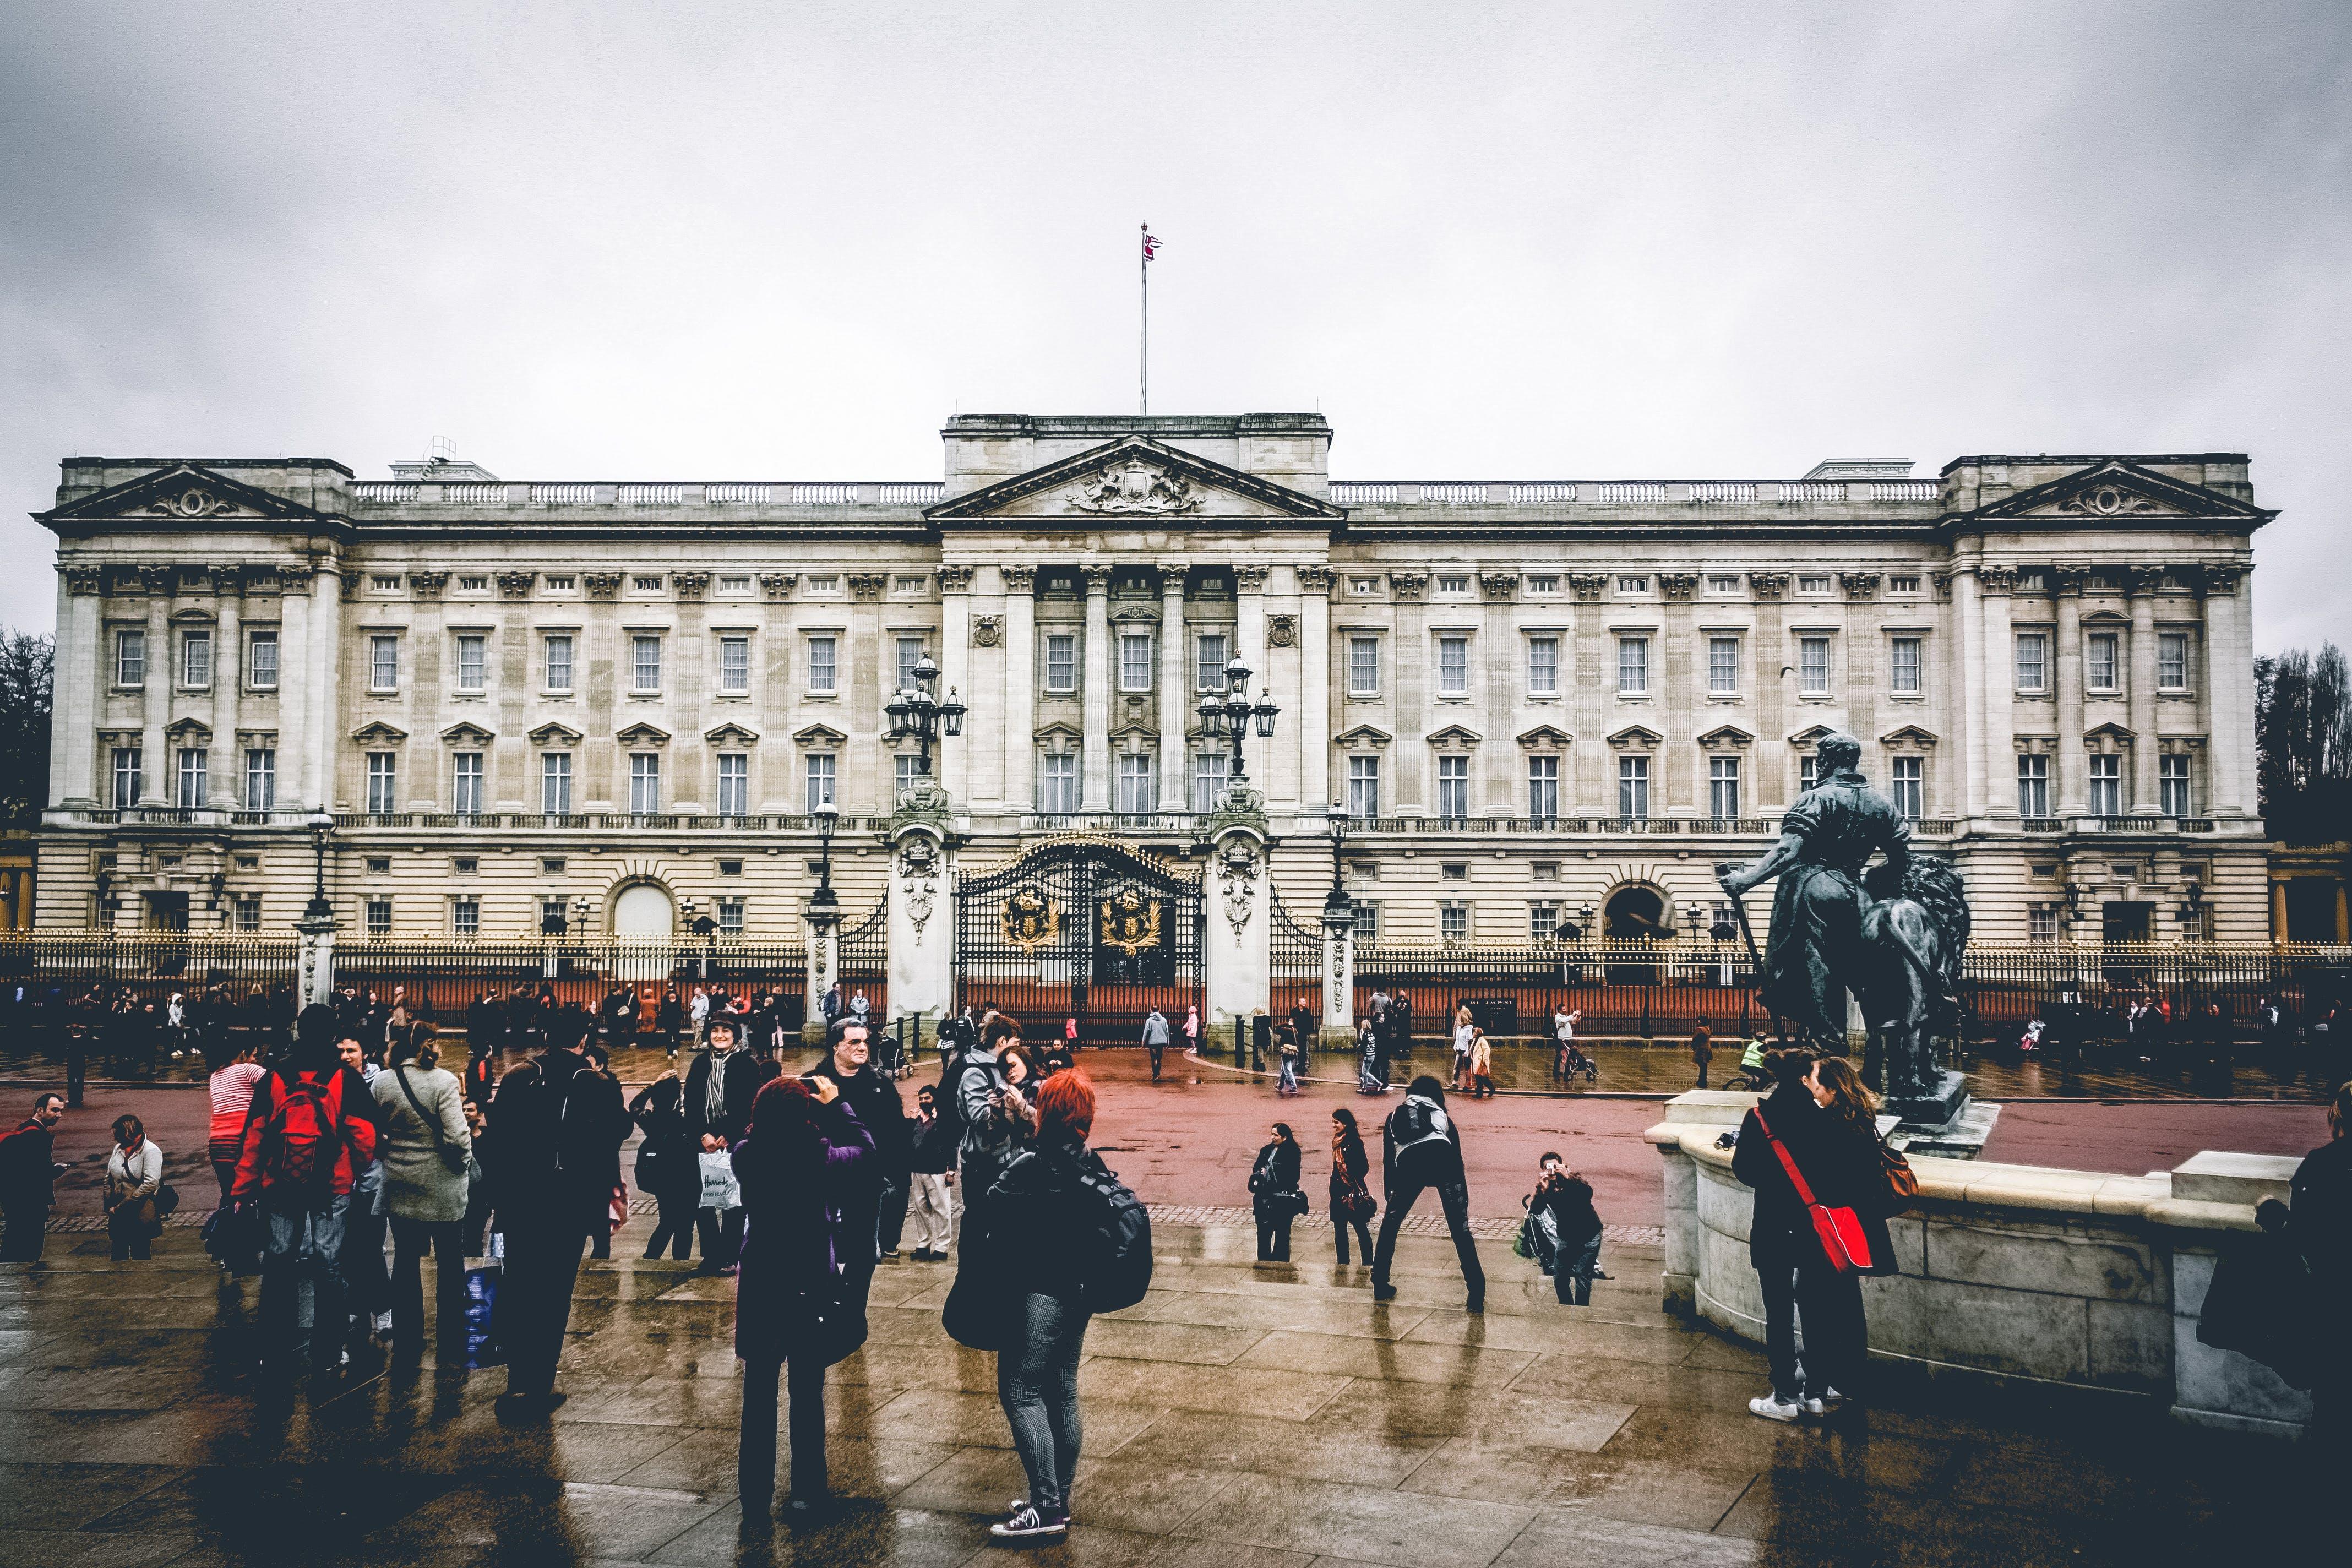 Westminster Palace, Uk